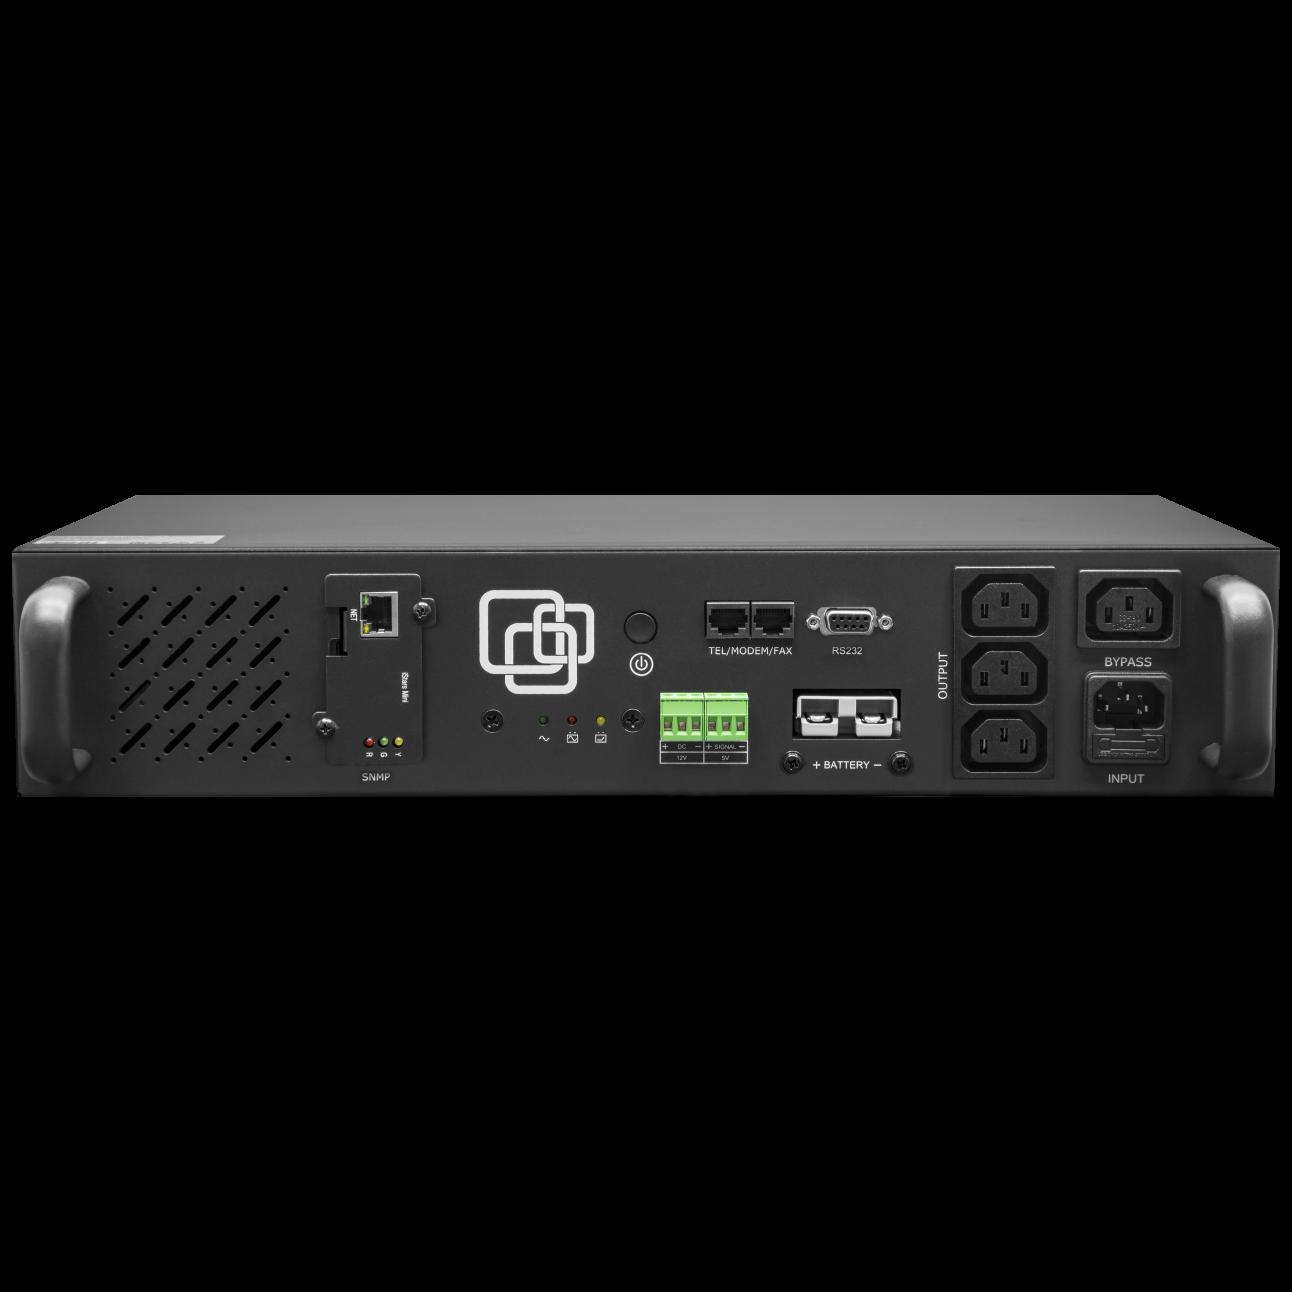 Источник бесперебойного питания Line-Interactive, 500 VA, Rackmount, без встроенных АКБ (ток заряда 4А) c SNMP картой